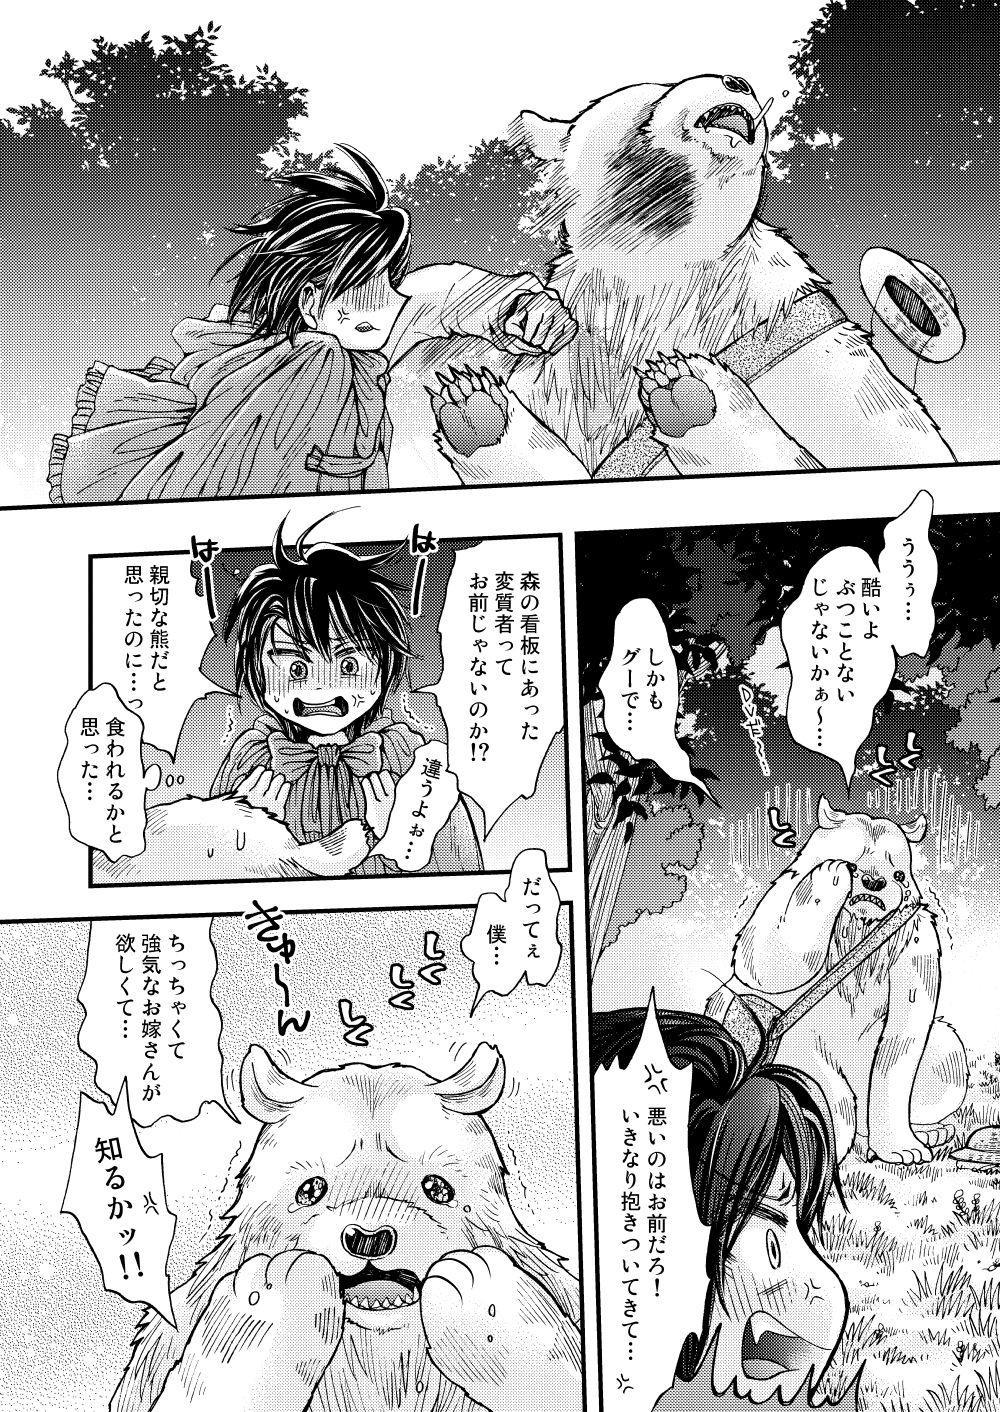 Mori no Kuma-san ni Aisare Sugite Mofu Mofu 13